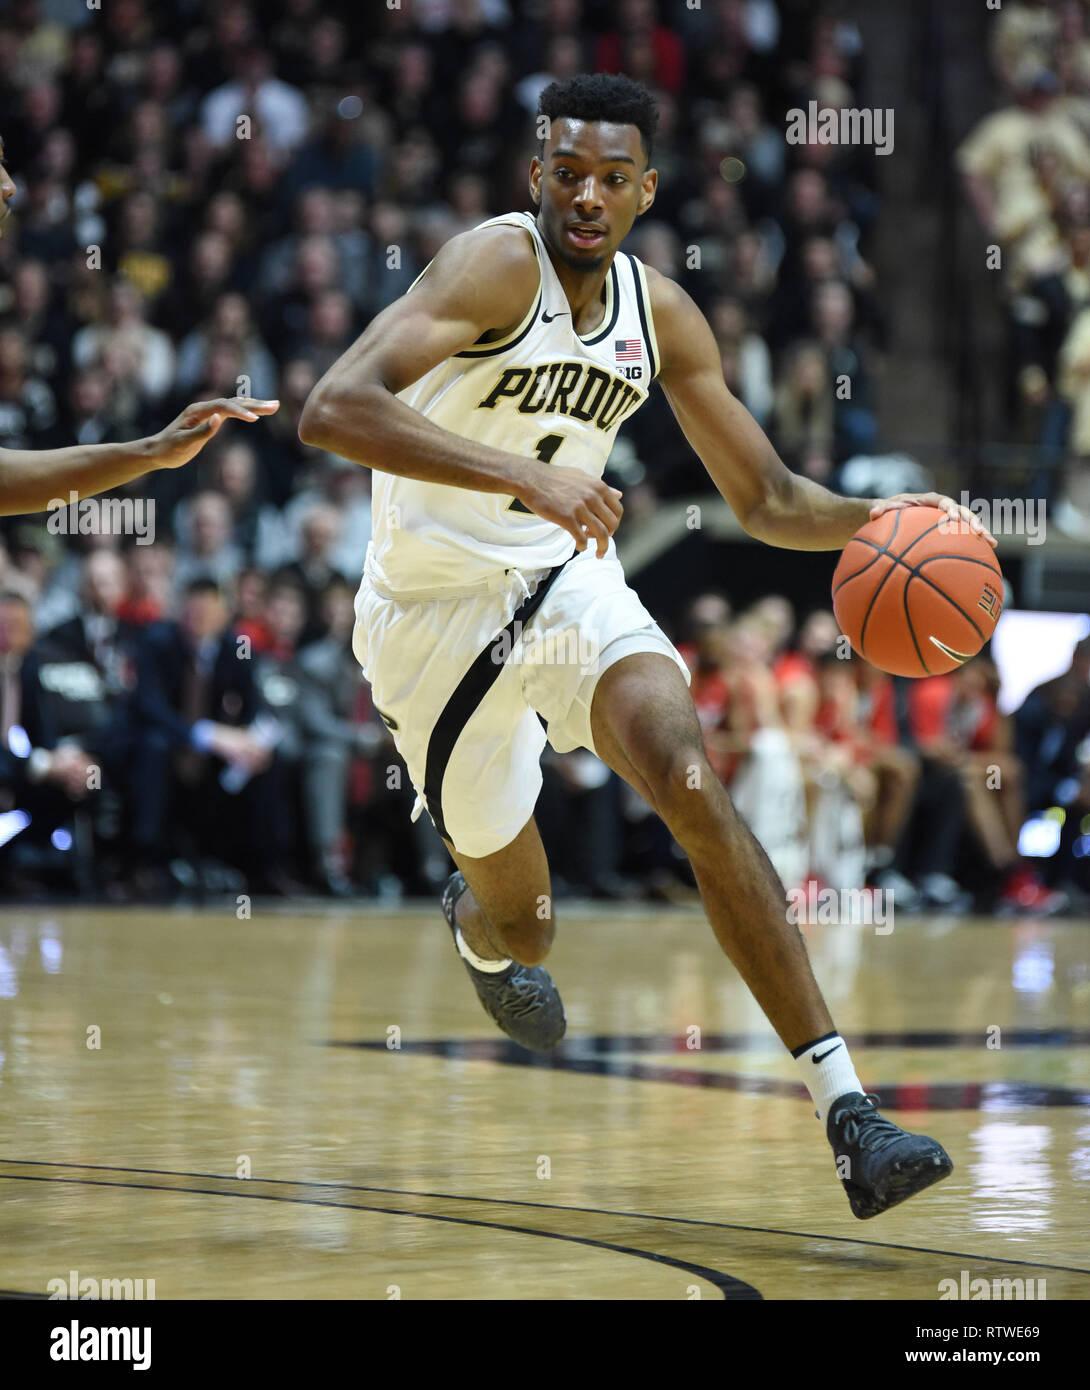 Aaron Wheeler Purdue Boilermakers Basketball Jersey